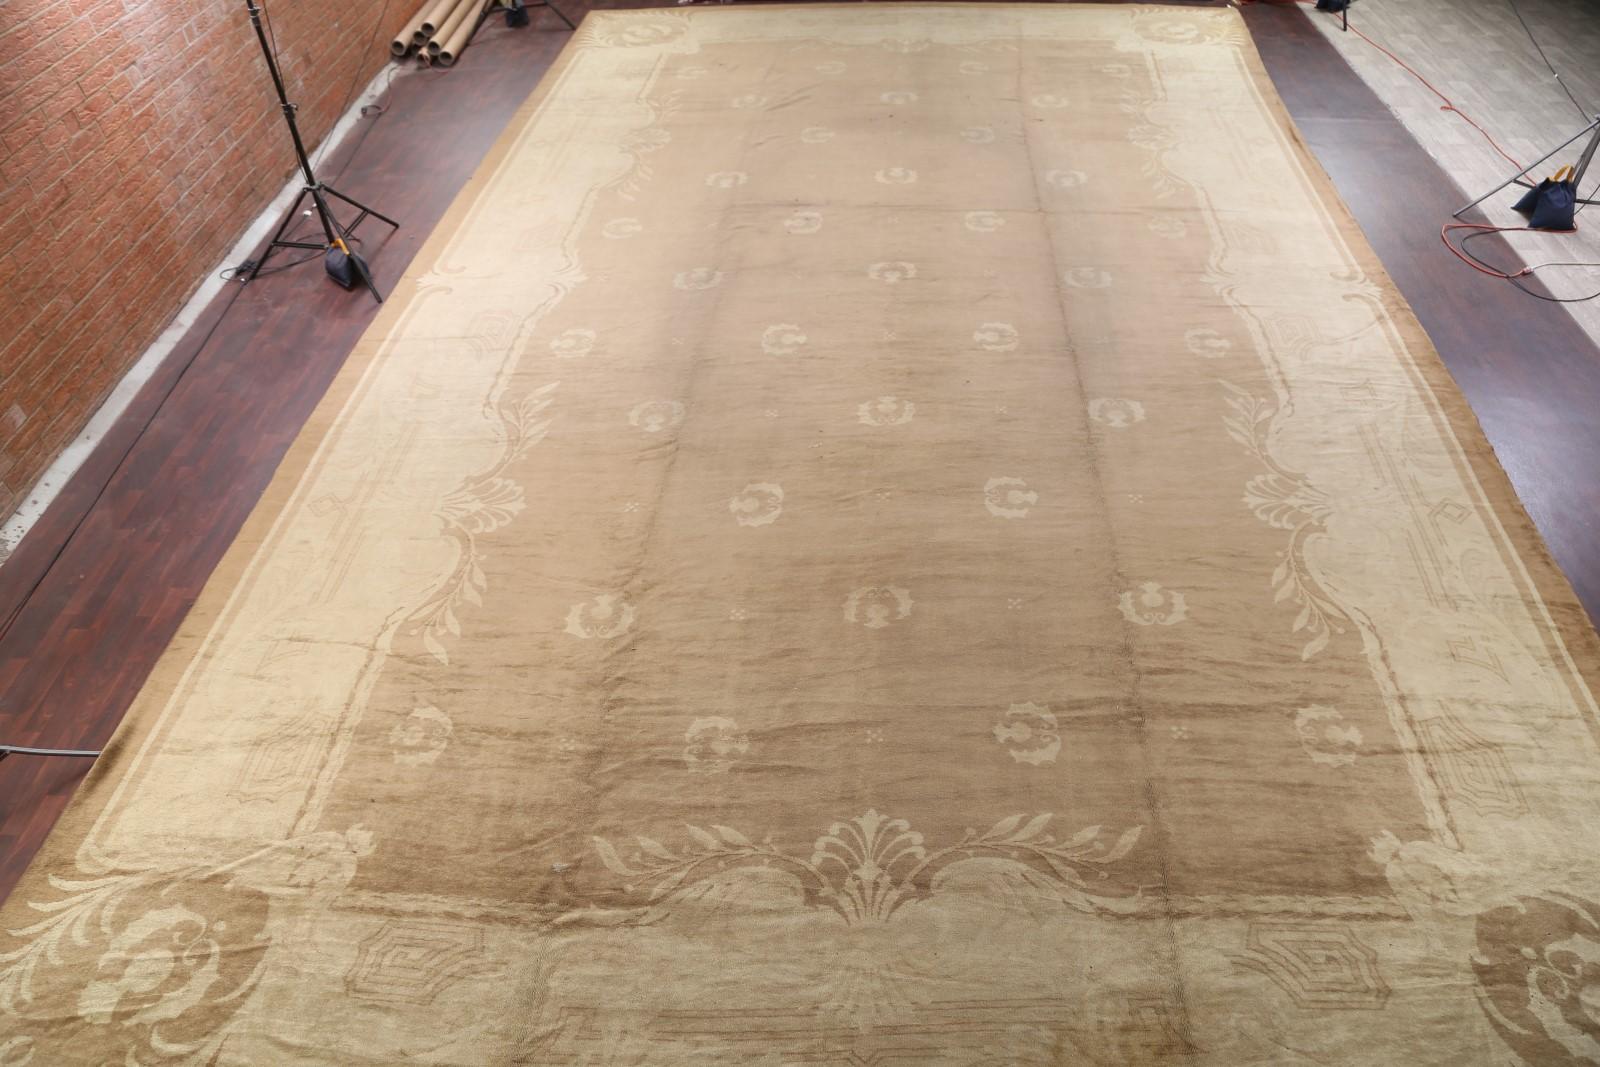 Palace Sized 18x30 Oushak Turkish Oriental Rug Vegetable Dye